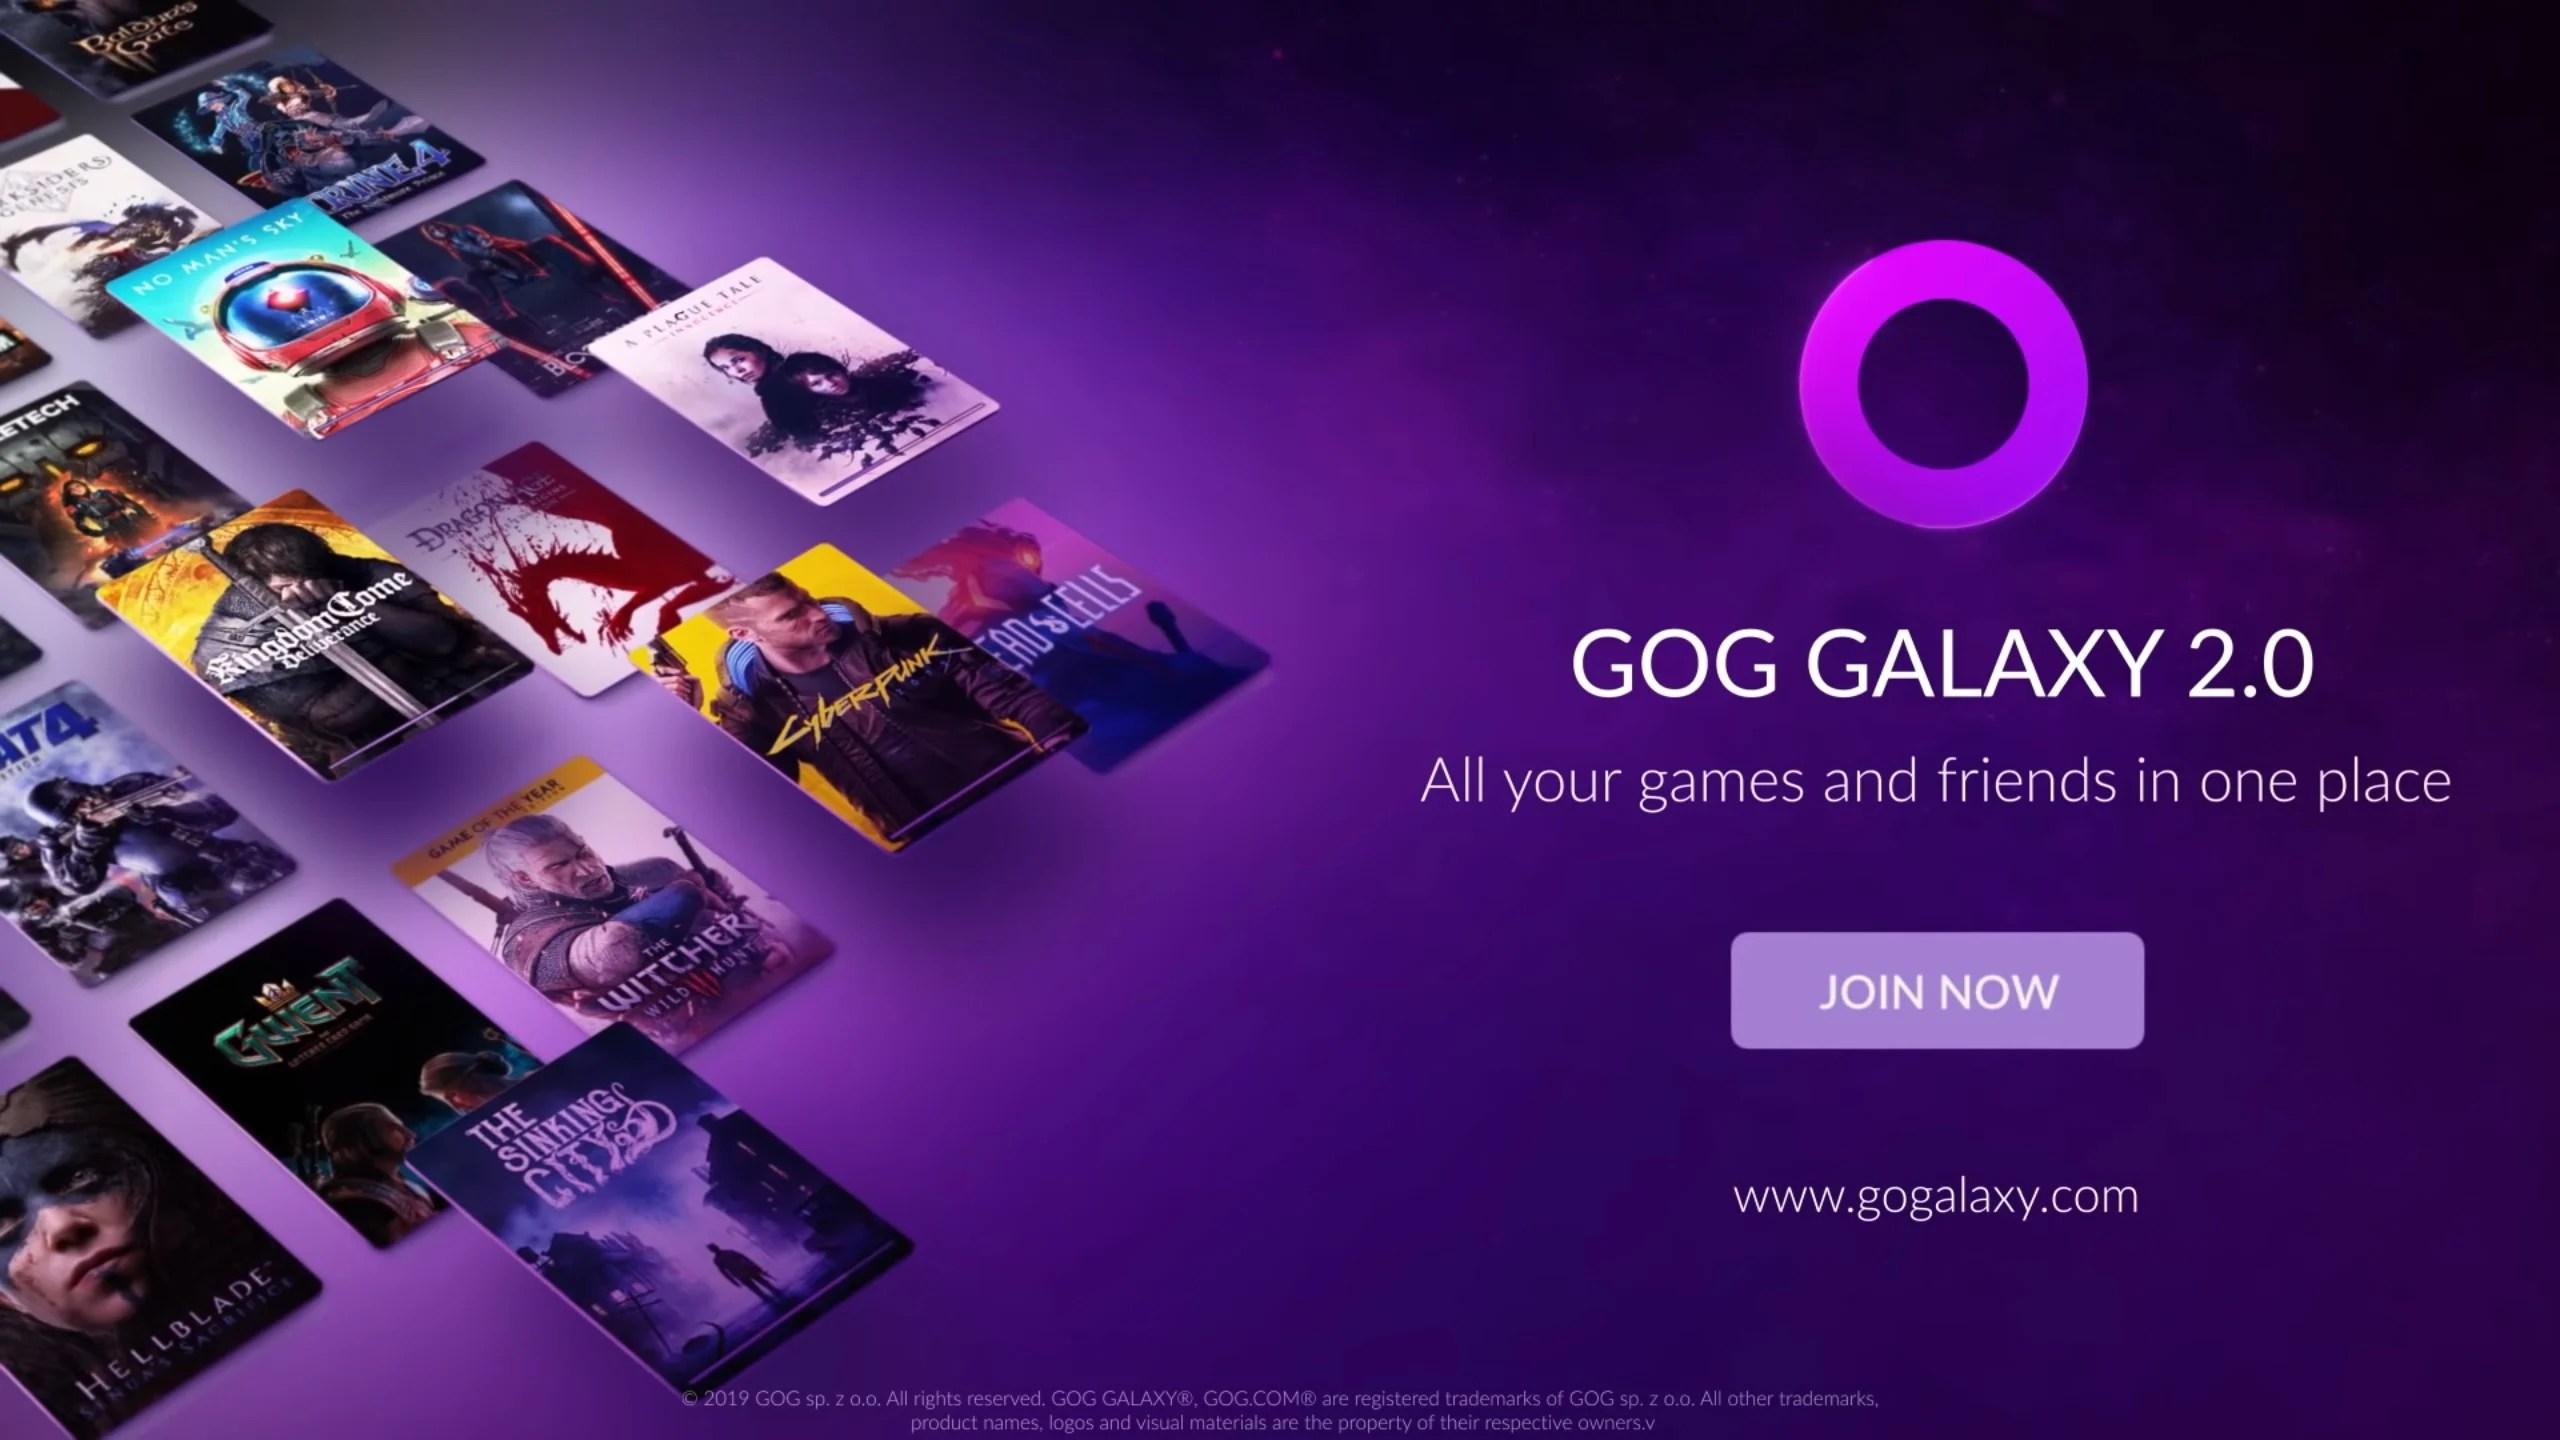 GOG passe le remboursement de vos jeux à 30 jours et vous demande de ne pas abuser